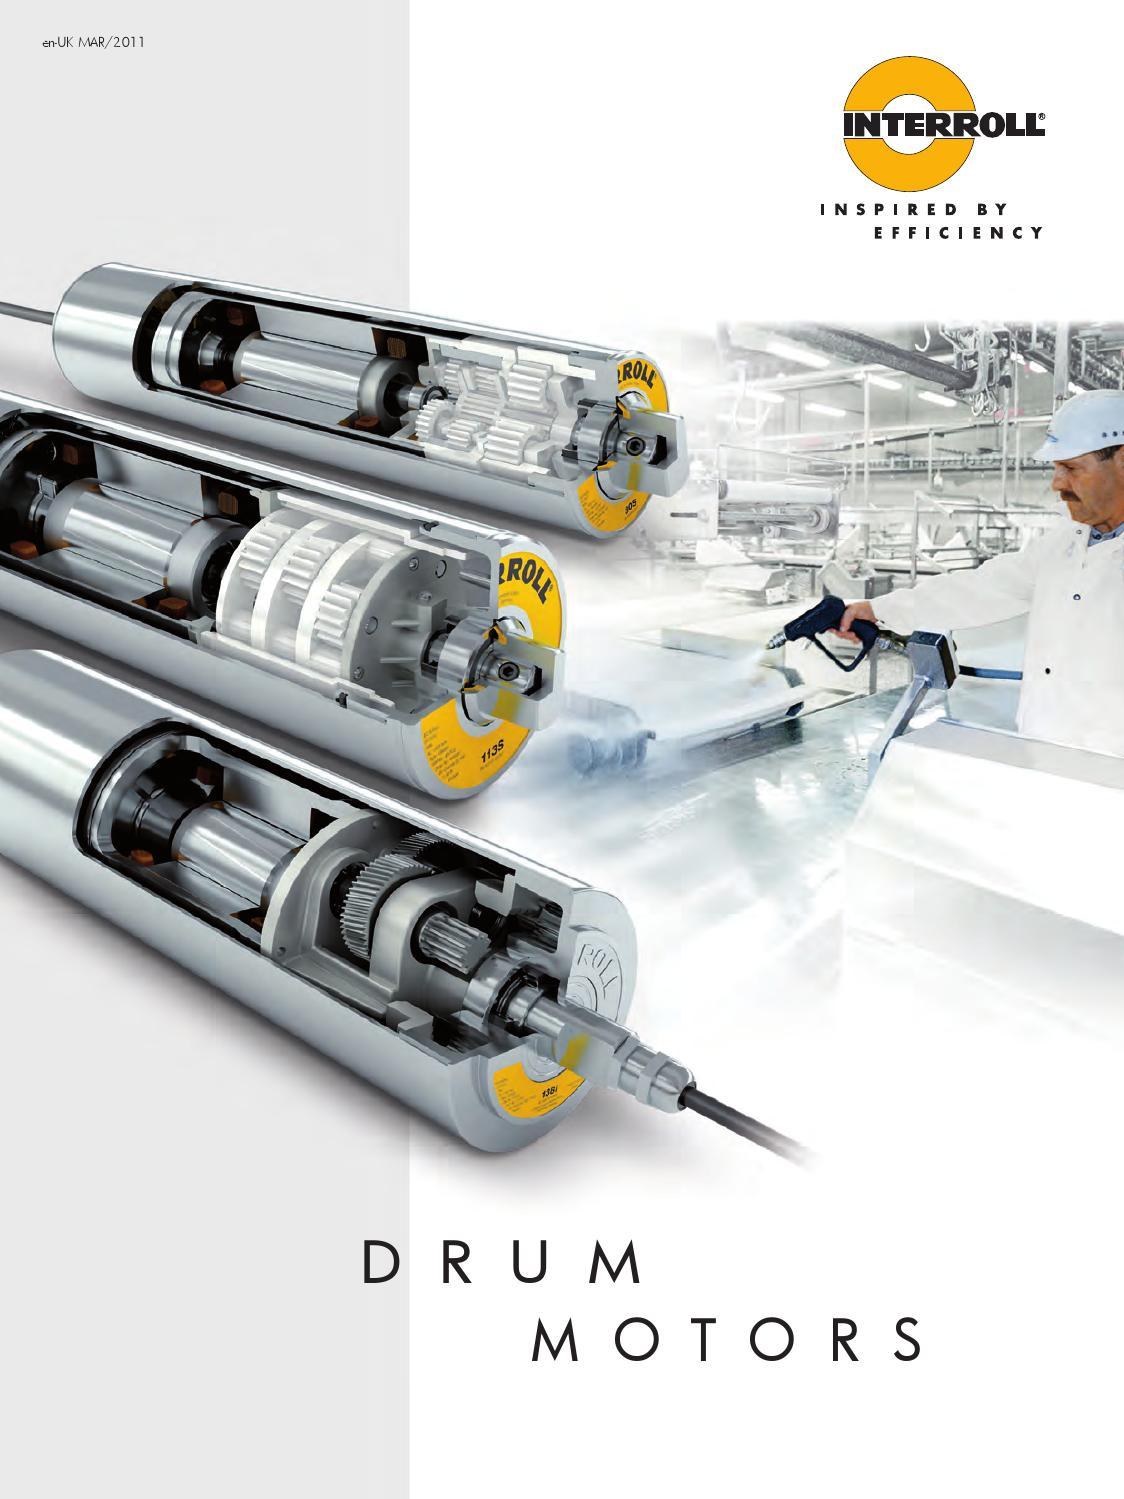 Interroll    Motorised Drums by Texam Limited  issuu